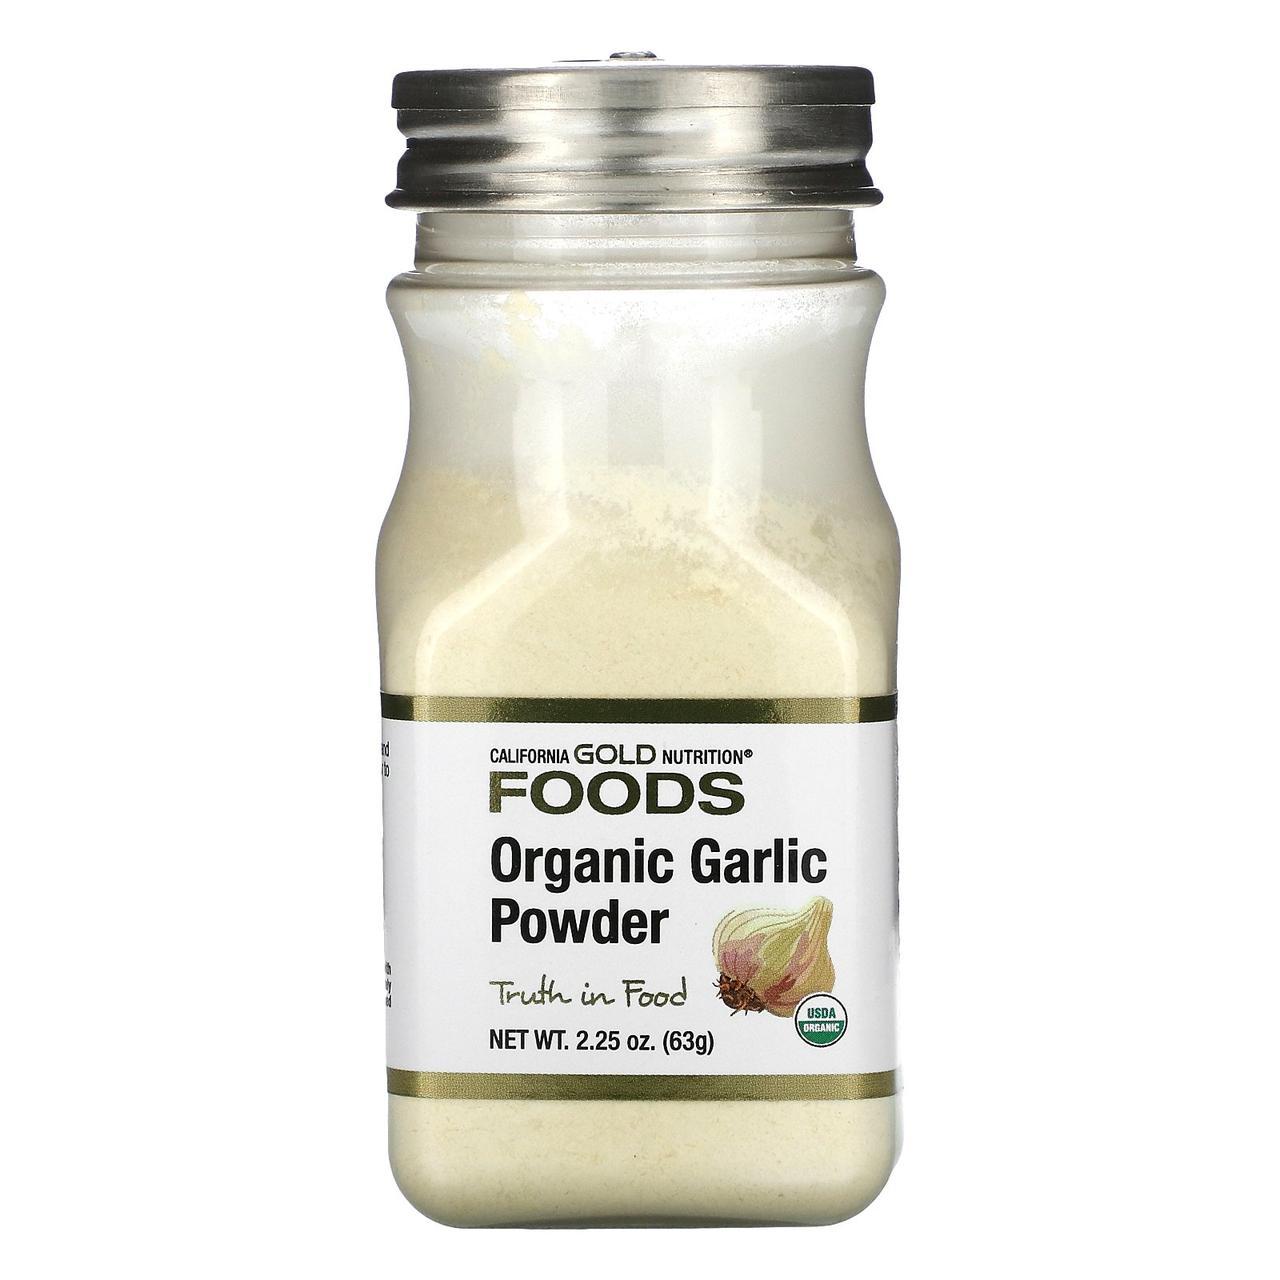 Органический чесночный порошок, 63 г, California Gold Nutrition